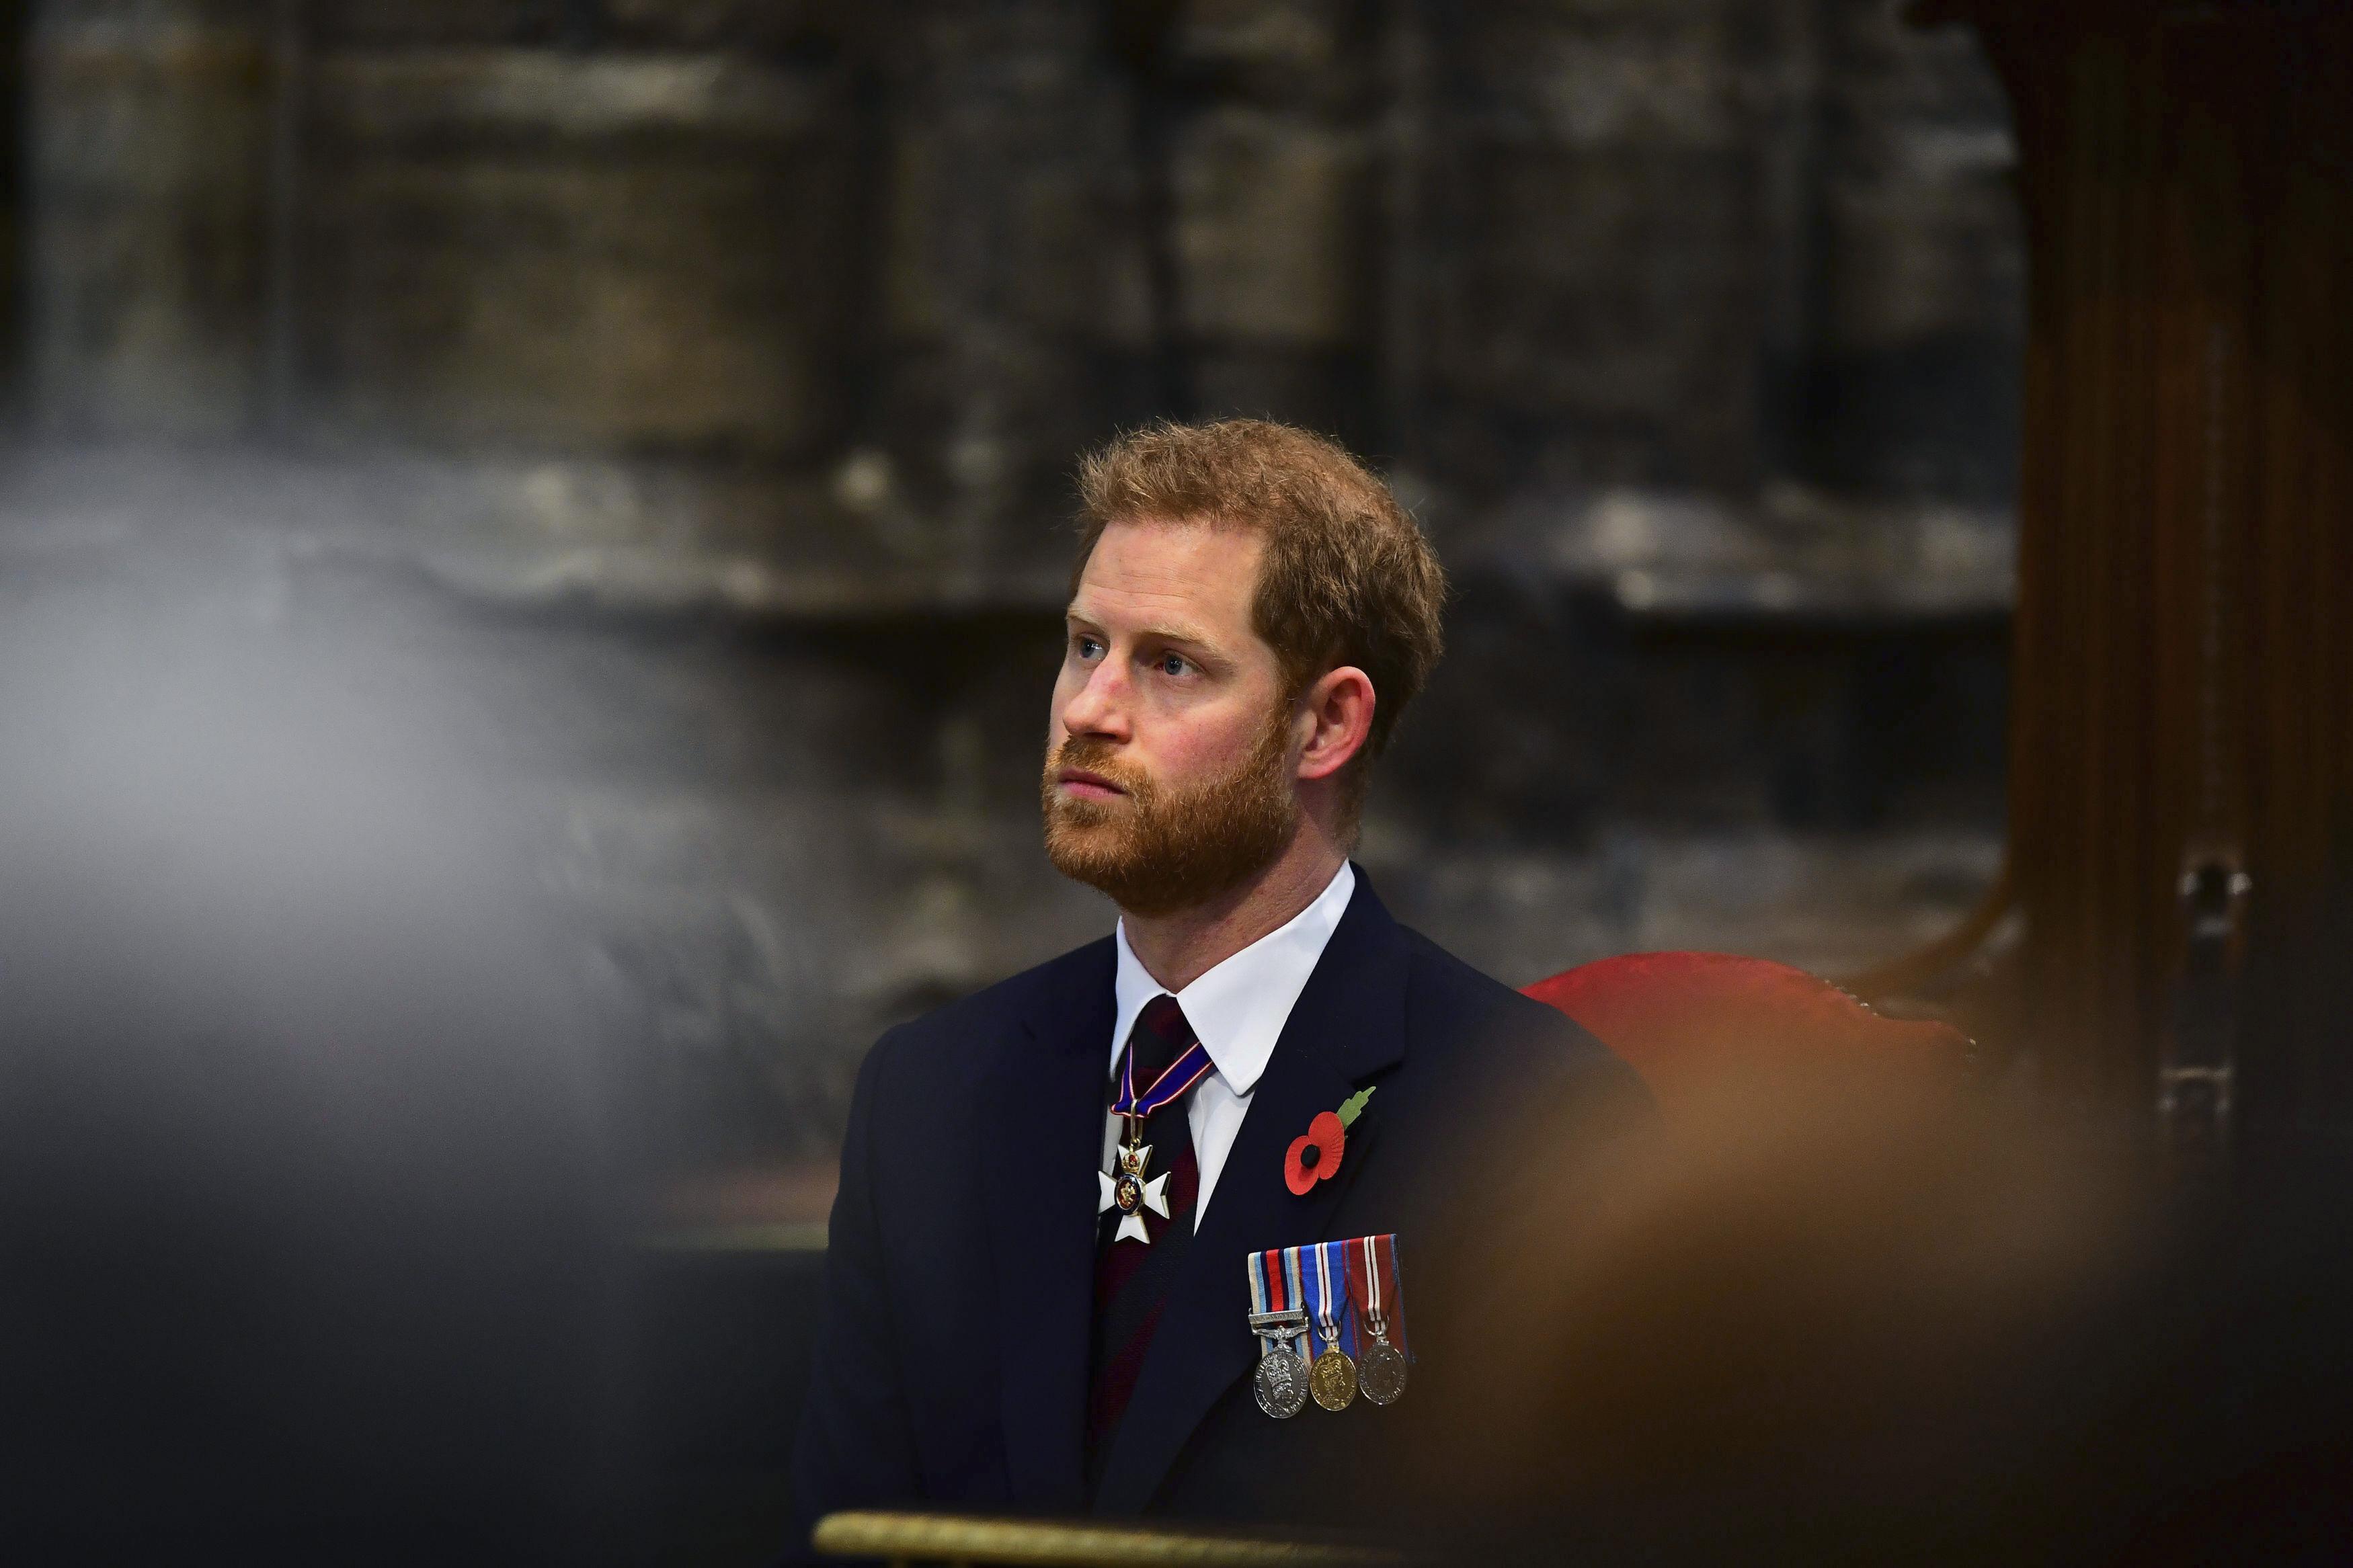 Ο πρίγκιπας Χάρι με σοβαρό ύφος στην εκκλησία